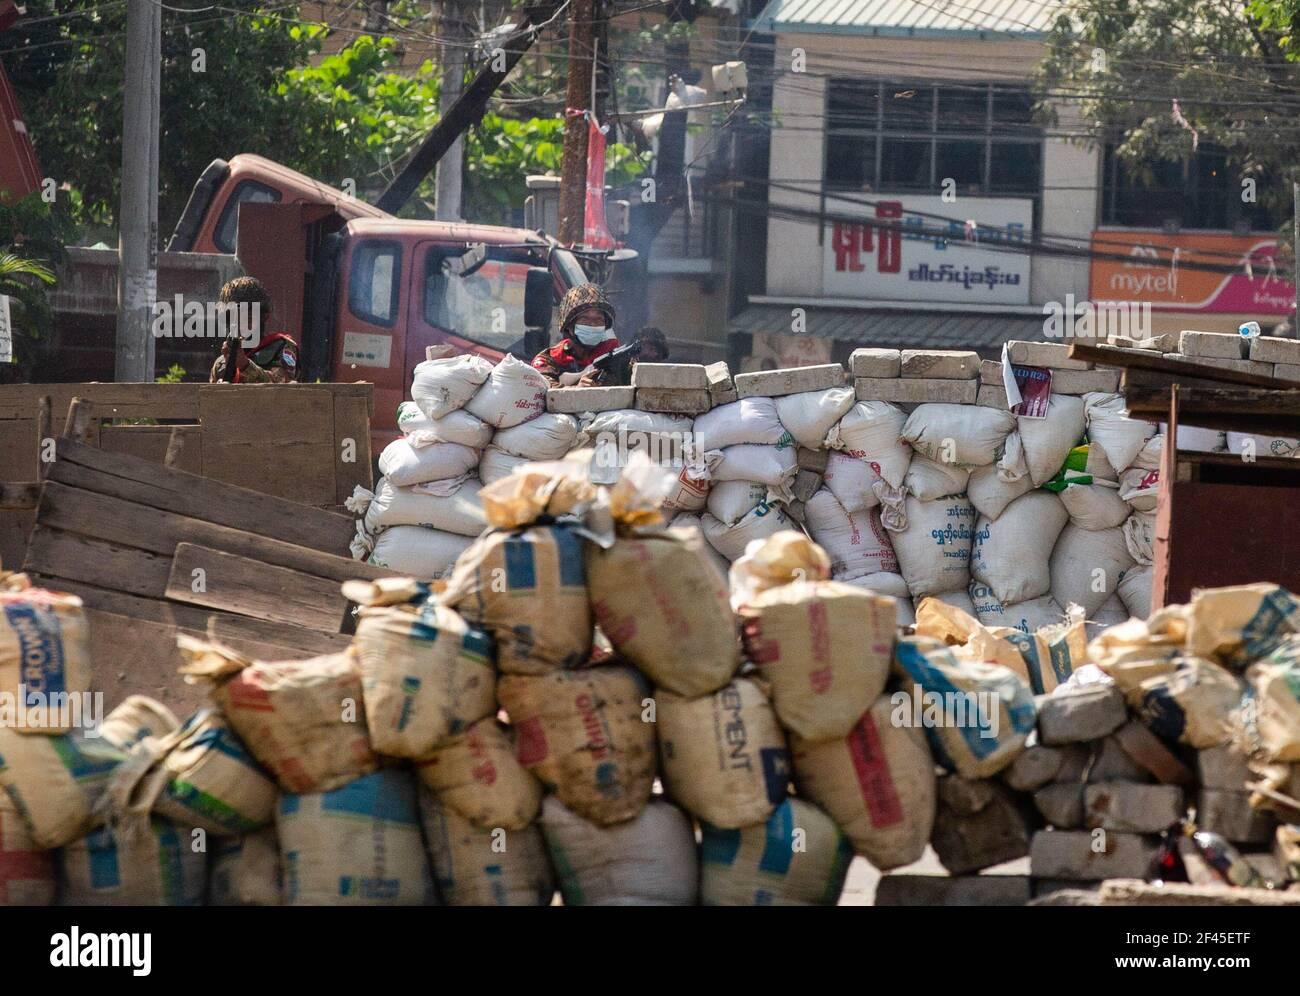 I soldati militari del Myanmar (Tatmadow) sorridono mentre puntano i fucili verso i manifestanti anti anti anti di colpo di stato militare durante una dimostrazione contro il colpo di stato militare. La polizia e i soldati militari del Myanmar (tatmadow) hanno attaccato i dimostranti con proiettili in gomma, munizioni vive, gas lacrimogeni e bombe stordite in risposta ai manifestanti anti anti anti anti militari del colpo di stato venerdì, uccidendo diversi manifestanti e ferendo molti altri. Almeno 149 persone sono state uccise in Myanmar dal colpo di Stato del 1° febbraio, ha affermato un funzionario delle Nazioni Unite per i diritti umani. Il 01 febbraio 2021, il Consigliere militare di Myanmar detenuto da Aung San Suu Kyi e de Foto Stock